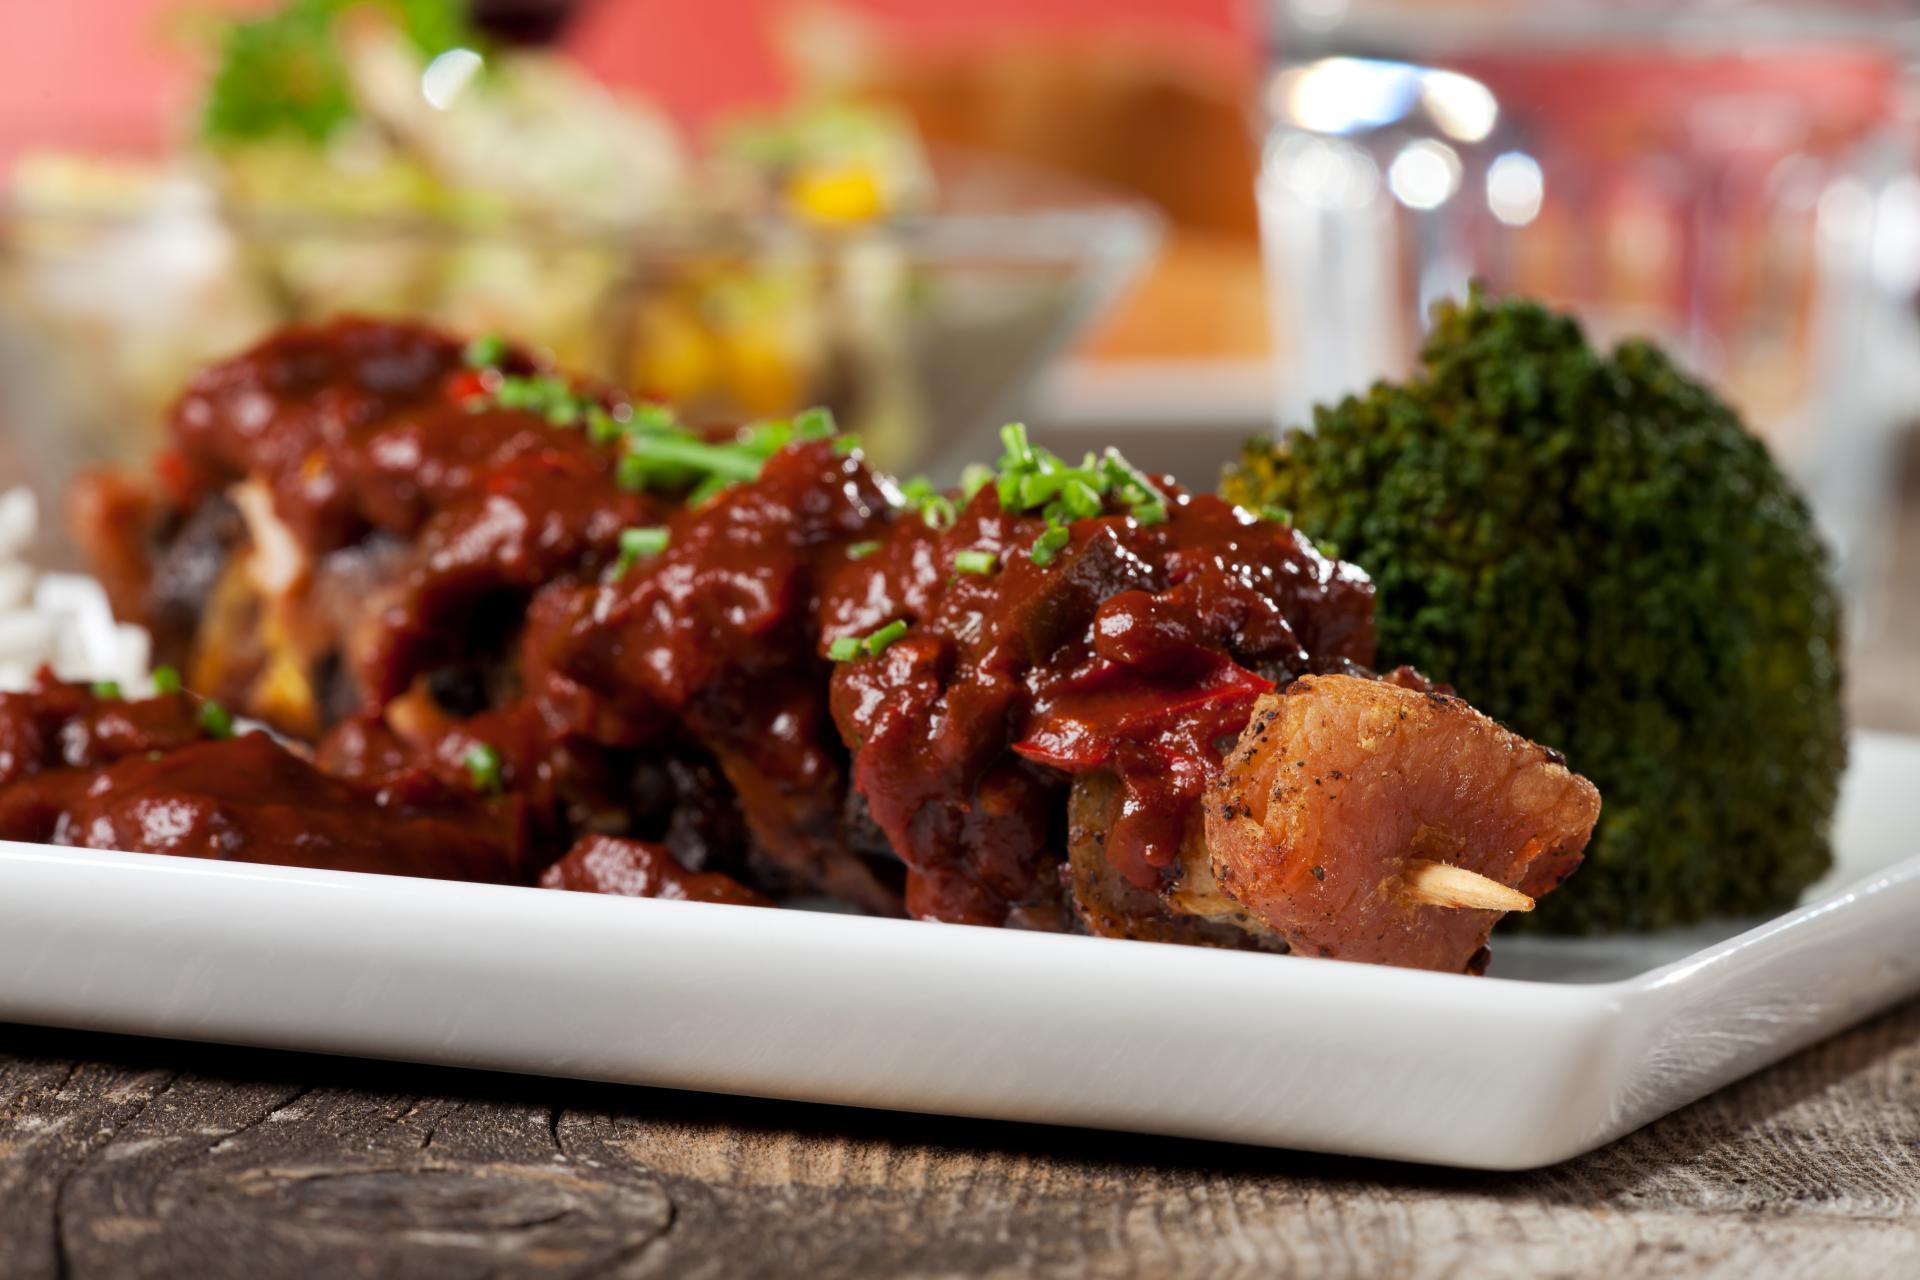 Brochette de porc grillée et ses brocolis vapeur